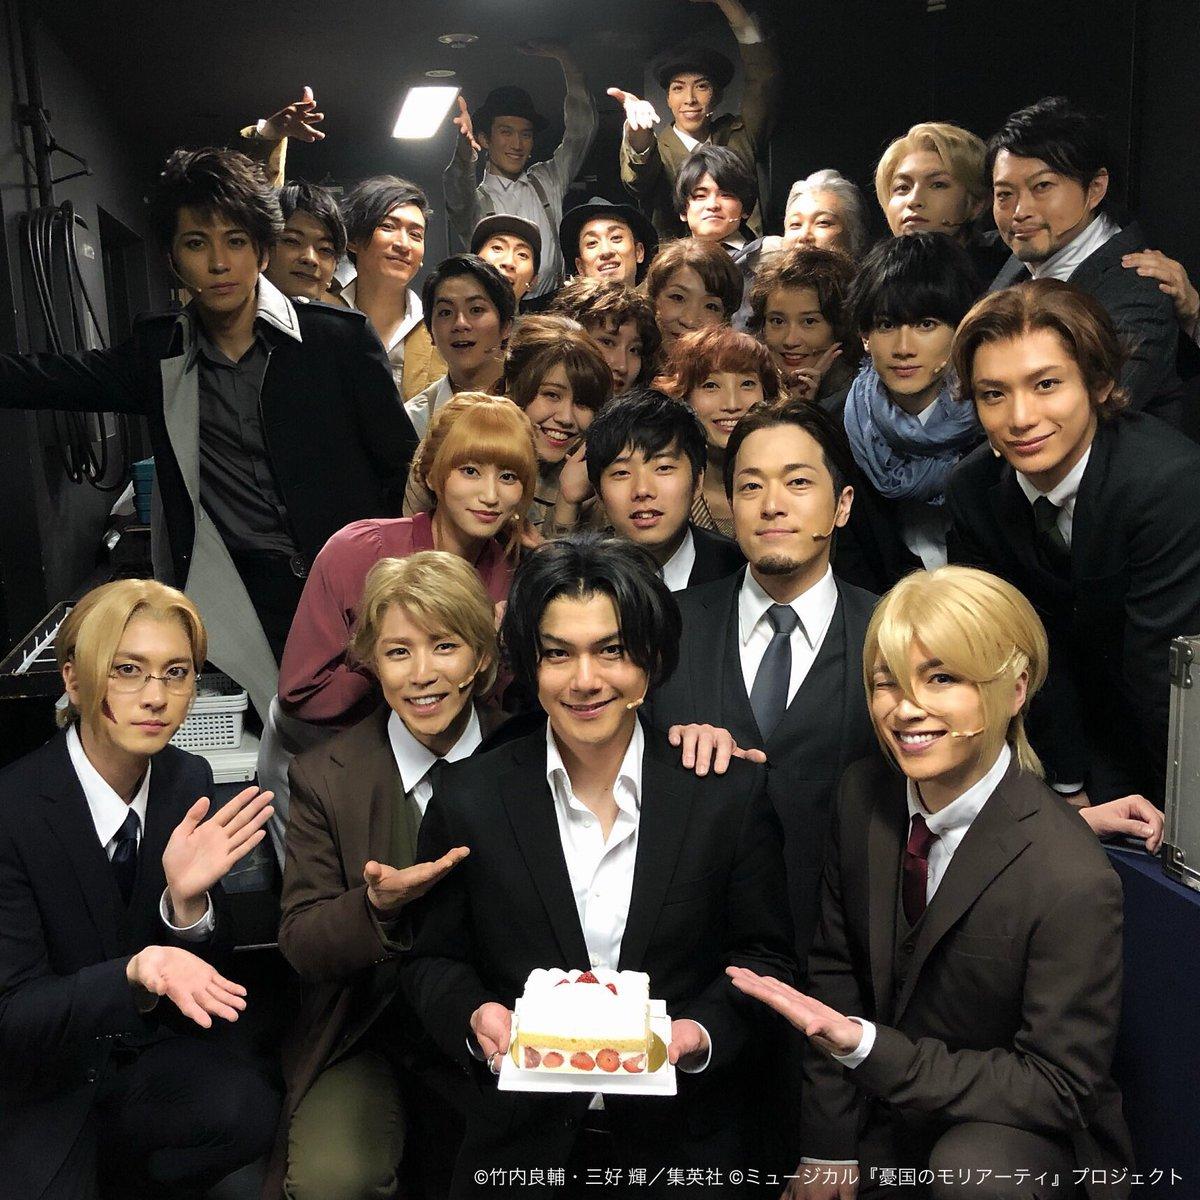 """【御礼】 ミュージカル『憂国のモリアーティ』東京公演の幕が下りました。沢山のお客様にご来場いただけましたこと、カンパニー一同御礼申し上げます。  カーテンコールでは明日、5月20日に誕生日を迎える平野良さんをお祝い!""""魅力という極上の謎""""を大阪でもお届けします! #モリミュ #モリアーティ"""